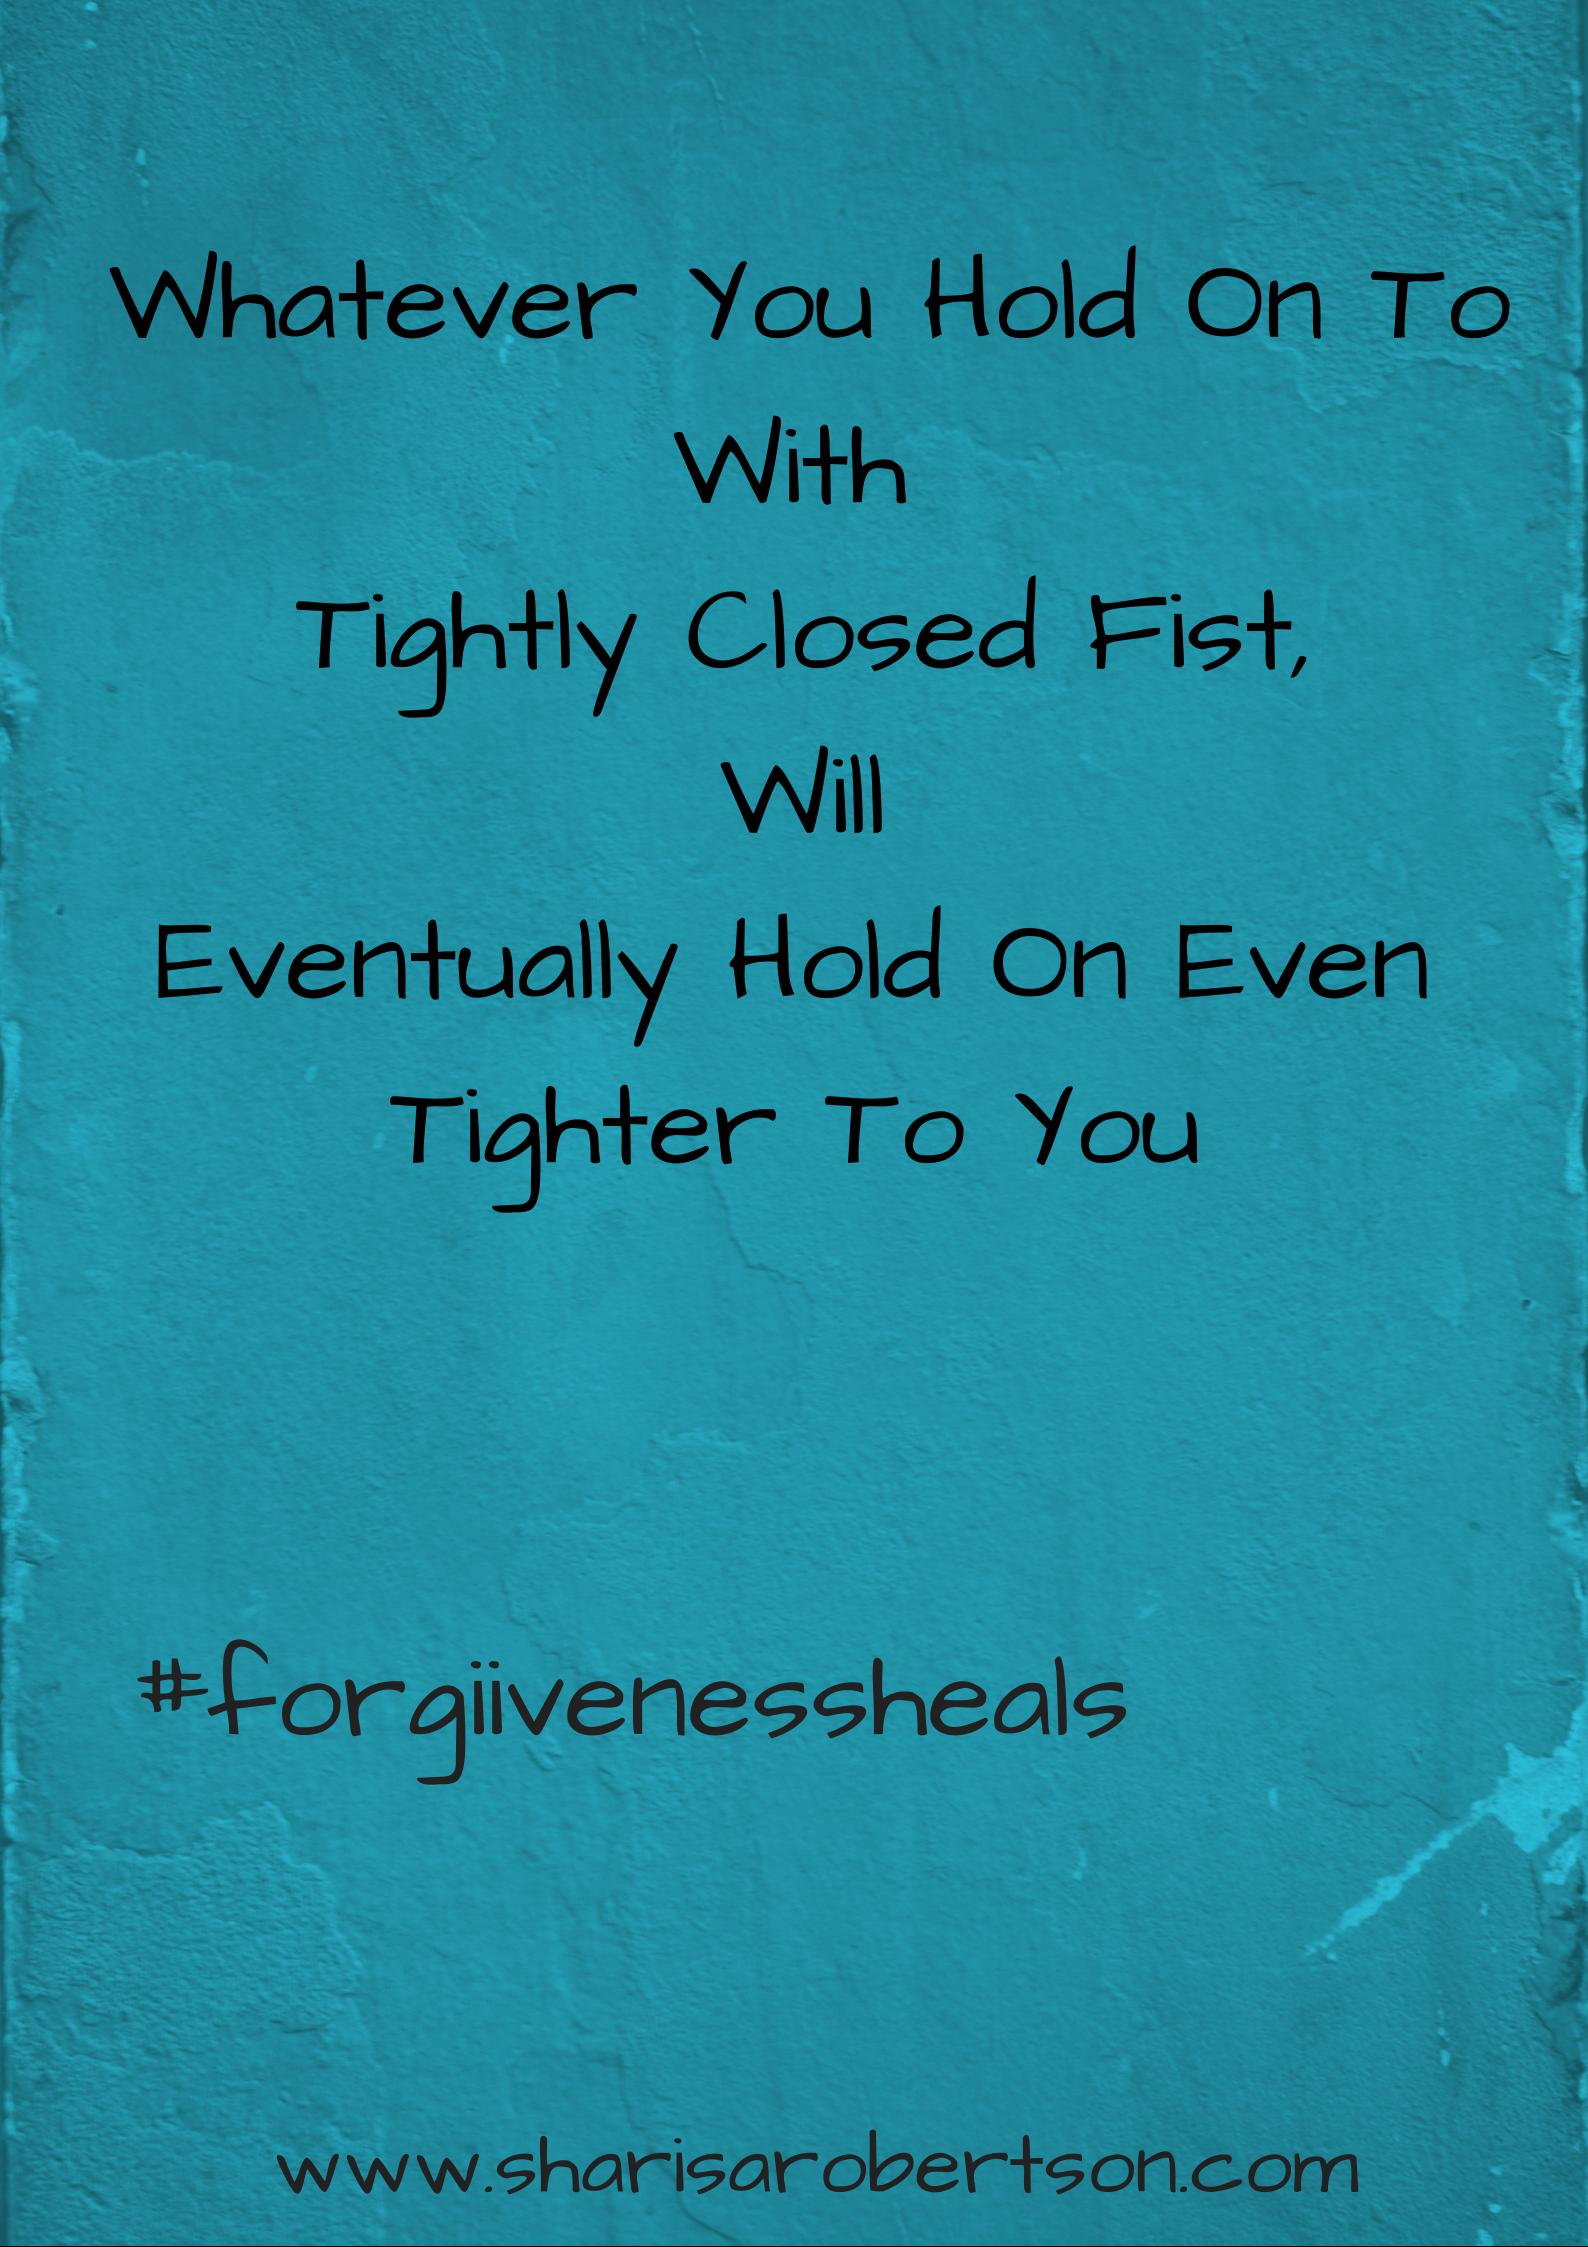 #forgivenessheals